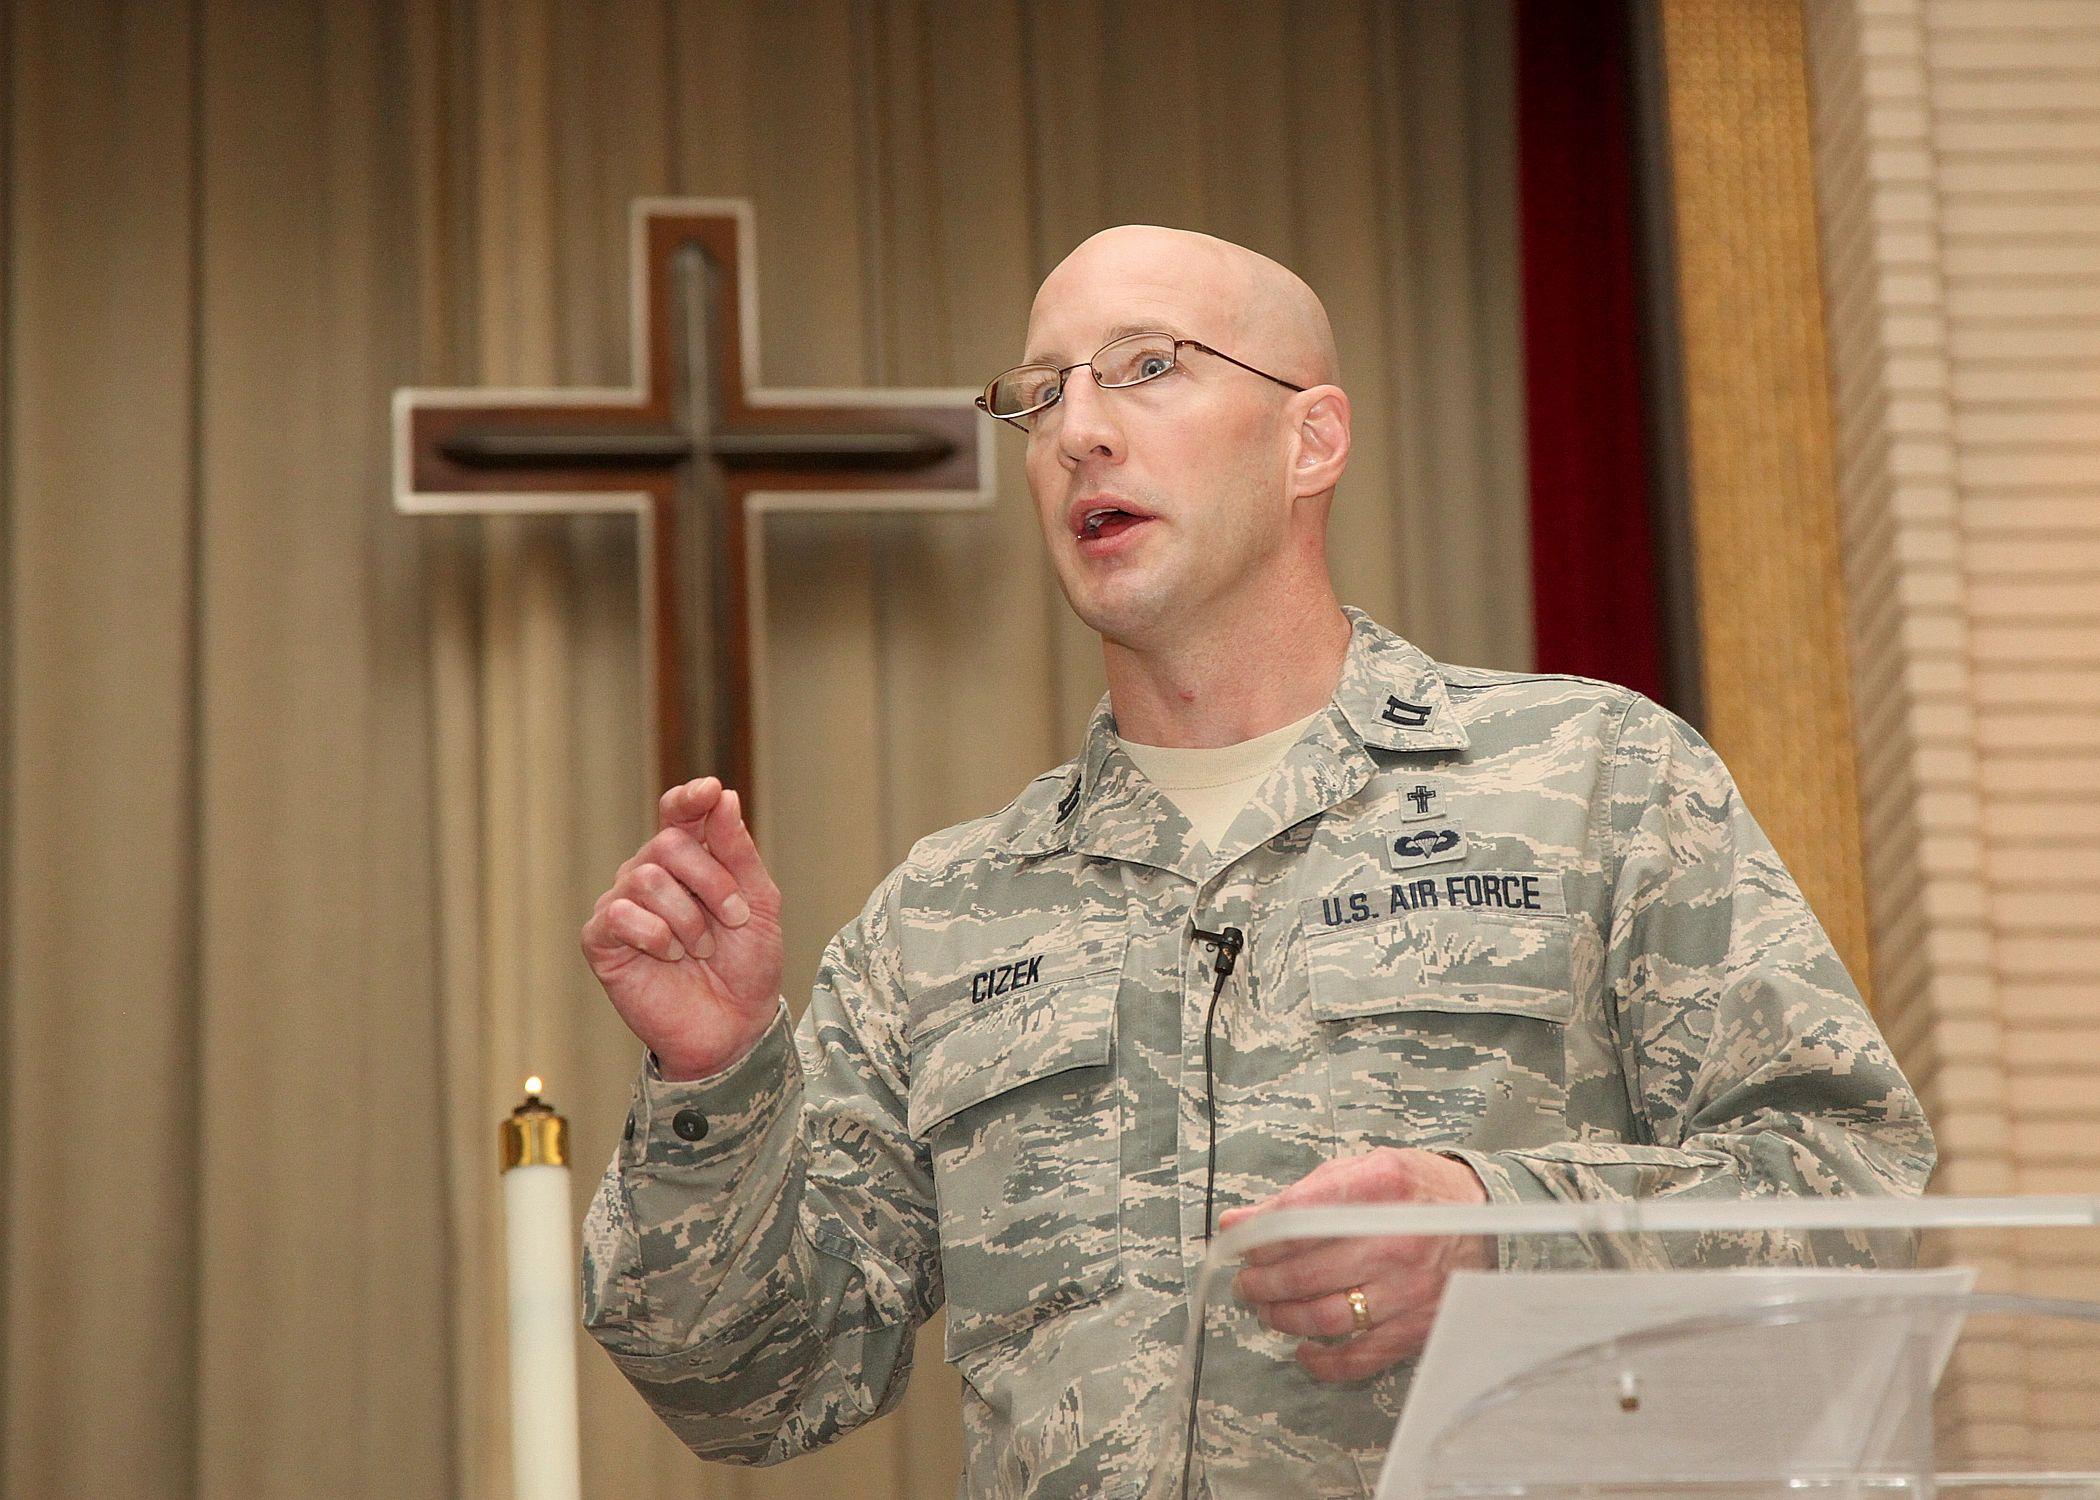 Capelão militar dos EUA é demitido por pregar visão bíblica sobre a homossexualidade